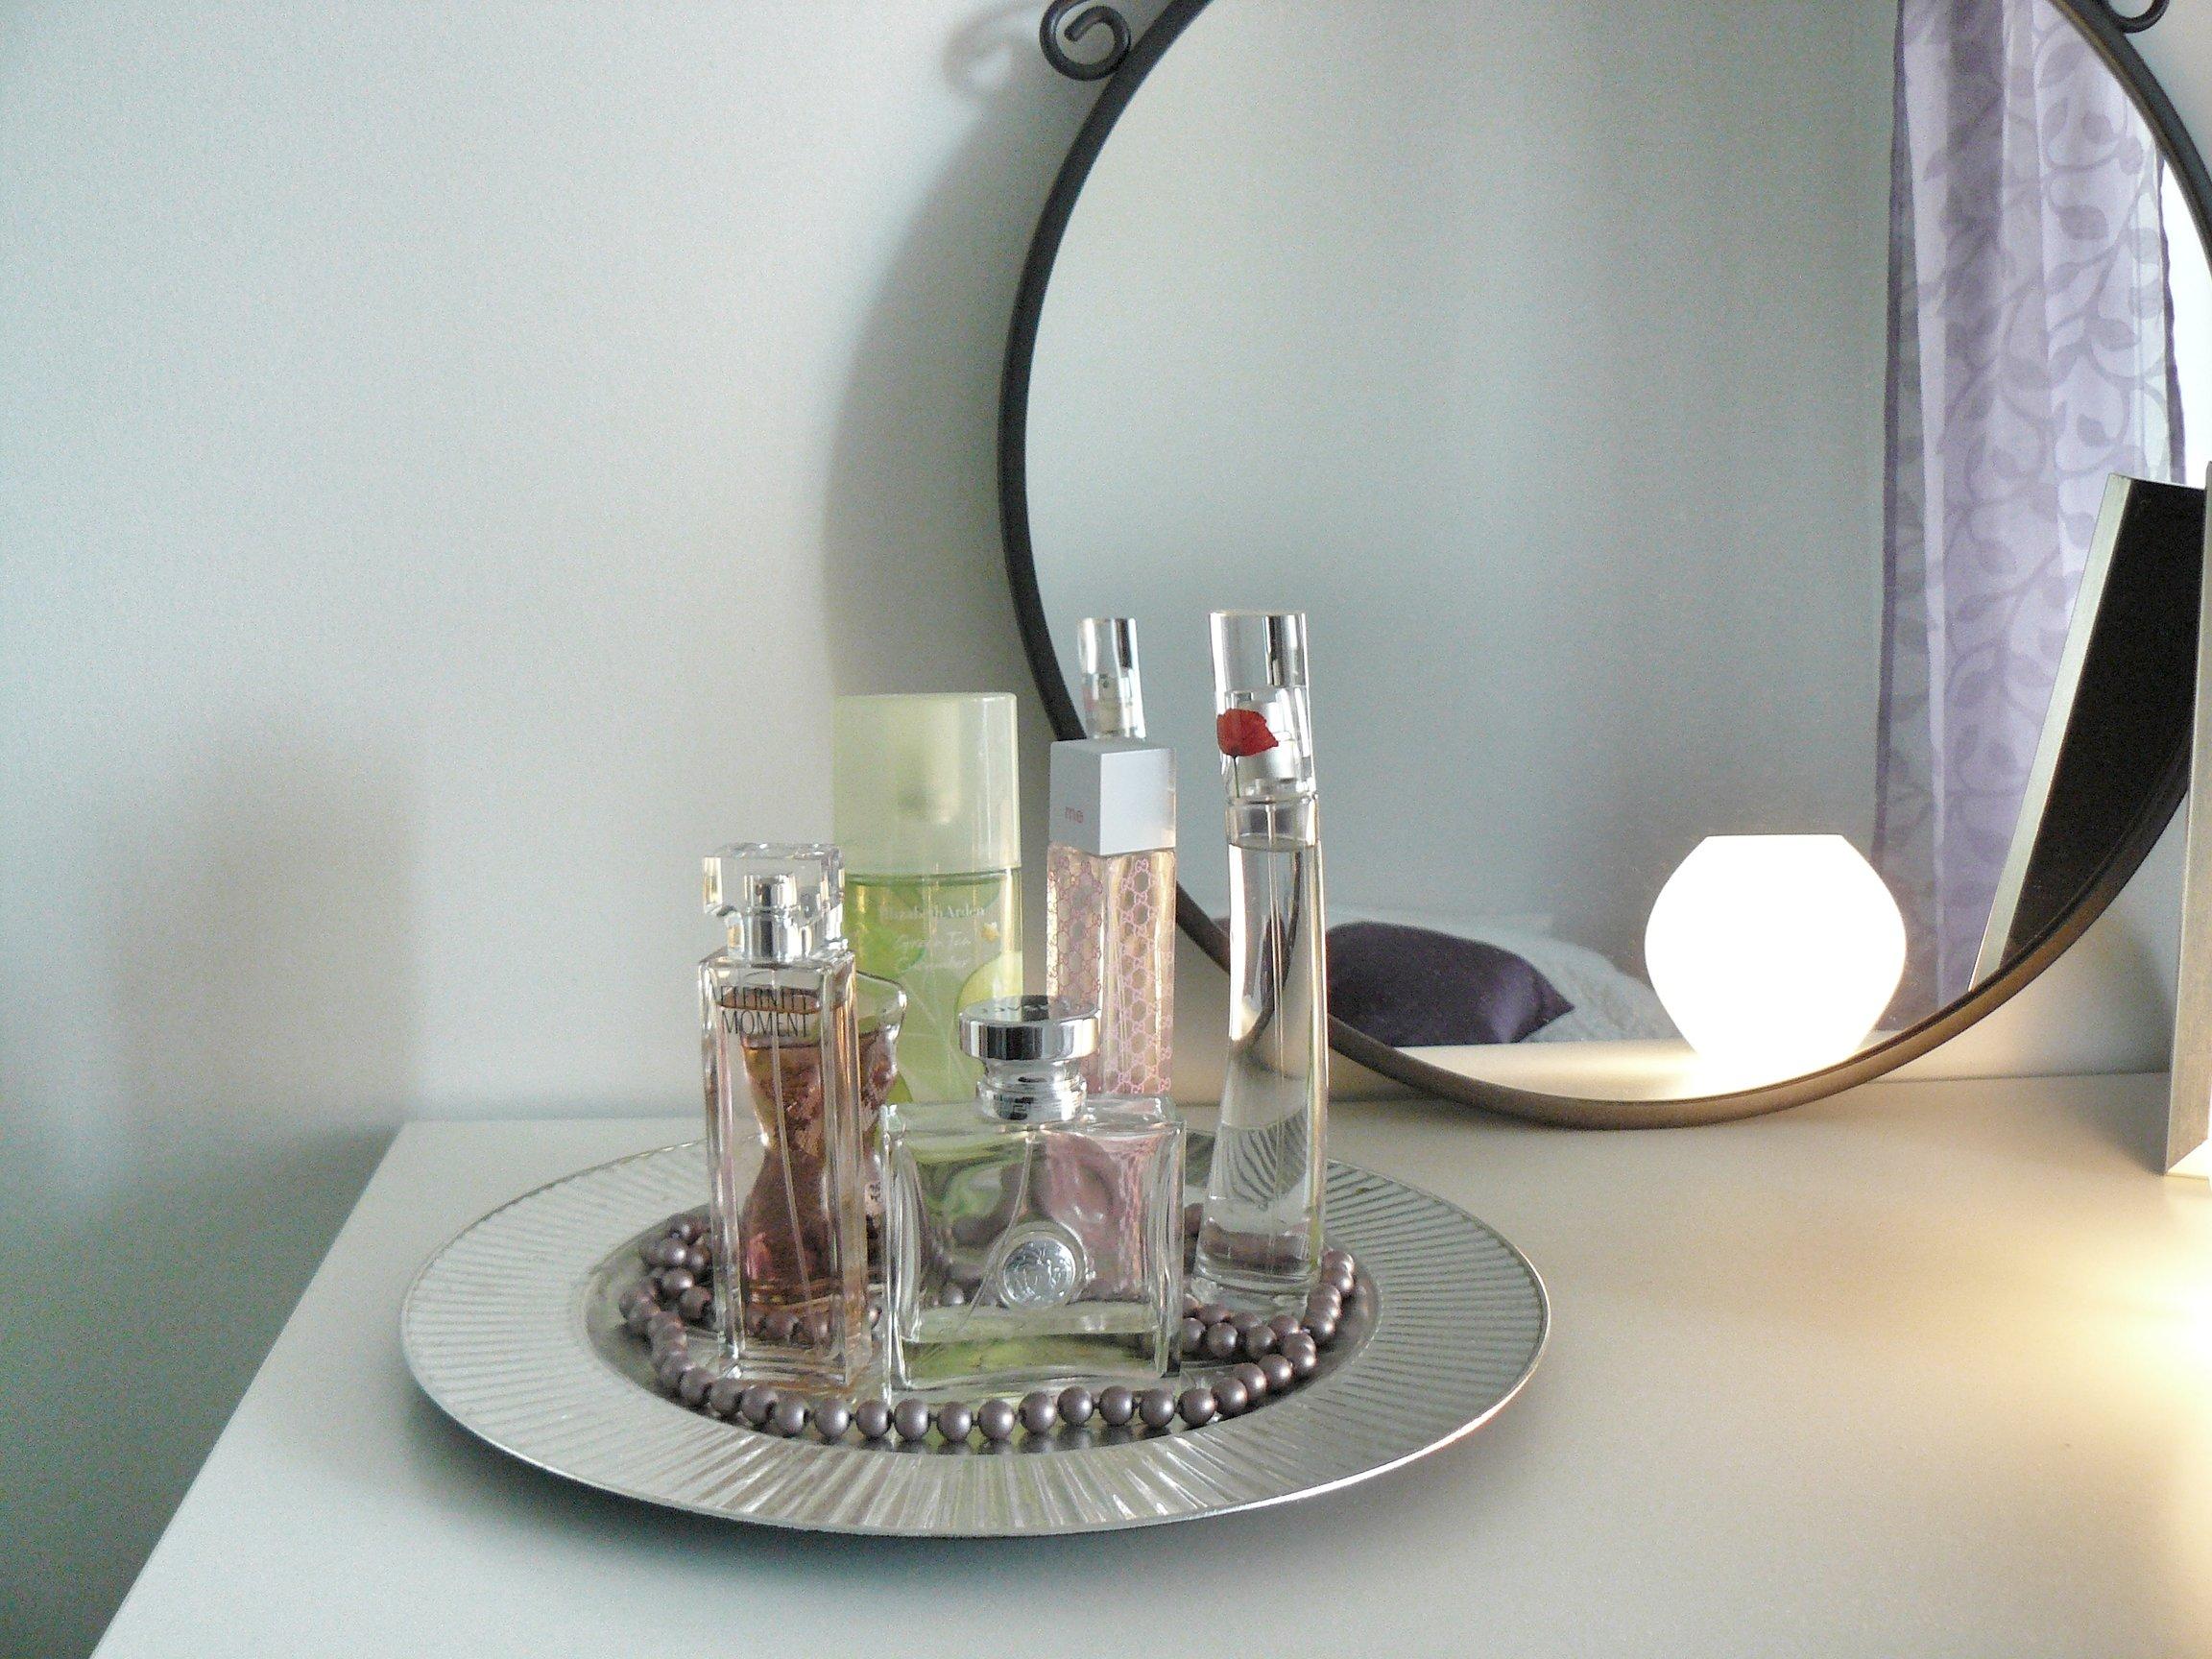 outlandish interior design details perfume